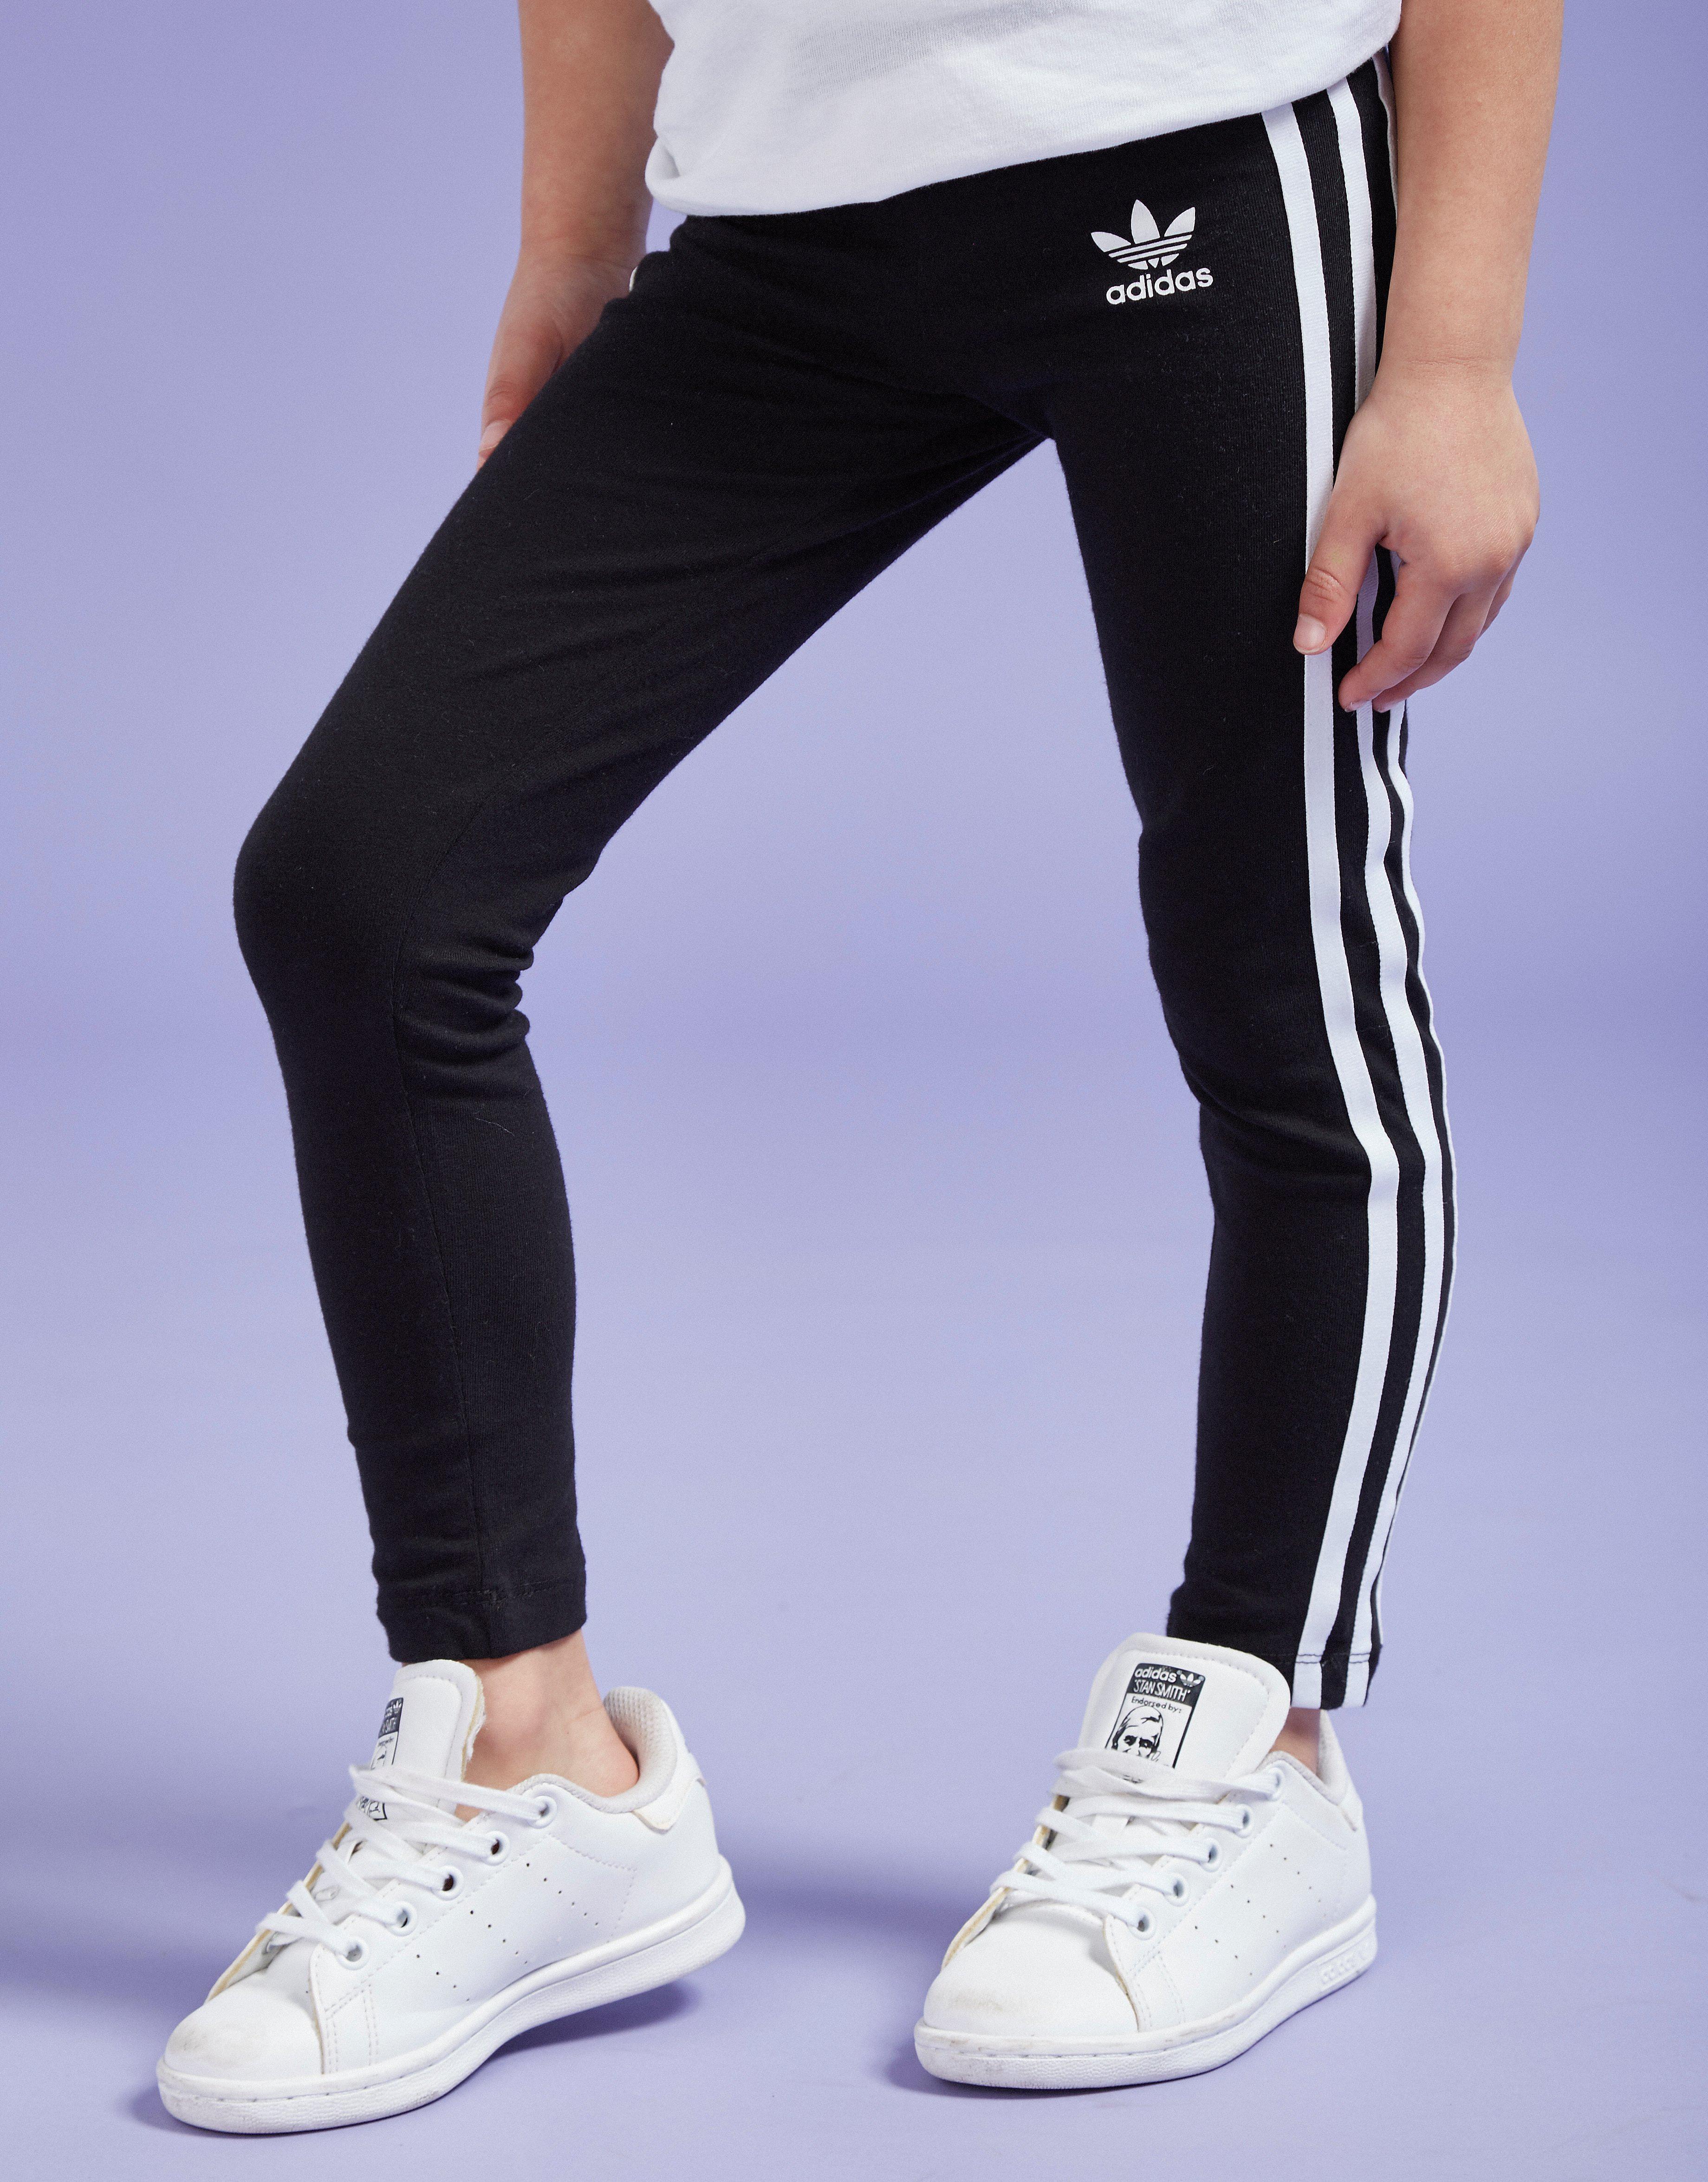 adidas Originals Girls' 3- Stripes Leggings Junior